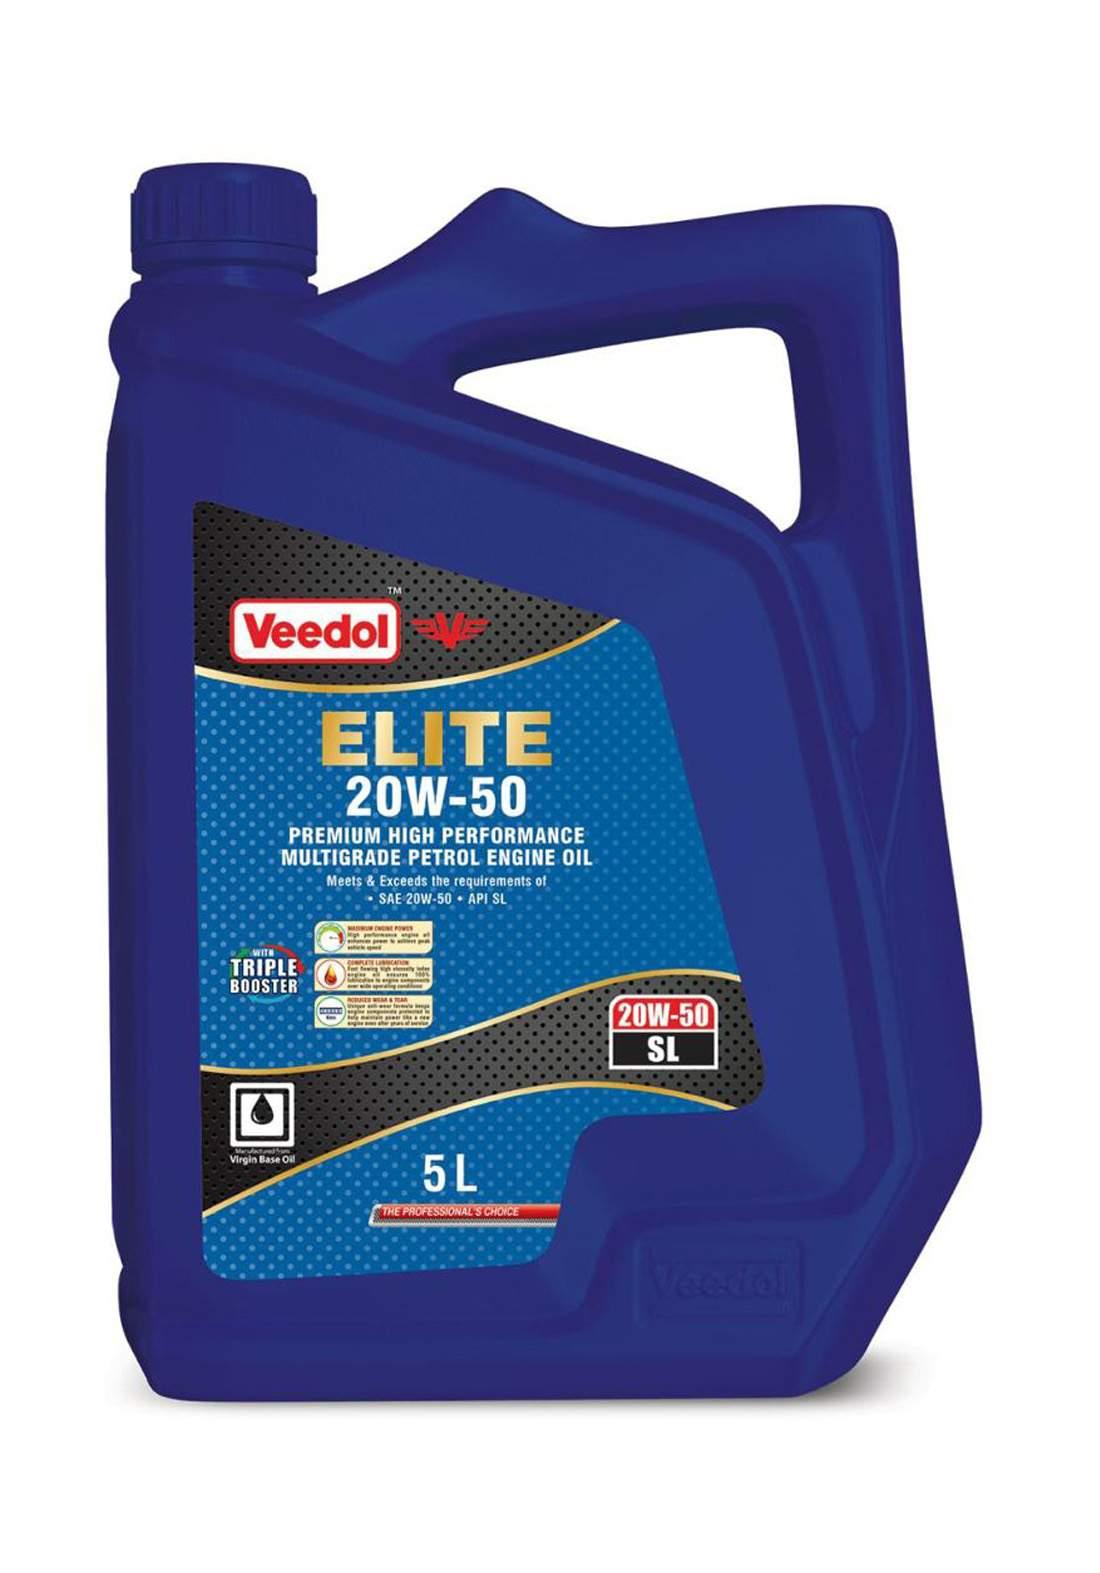 Veedol Elite 71101U29P00 20W50 Engine Oil 5 L زيت محرك السيارة